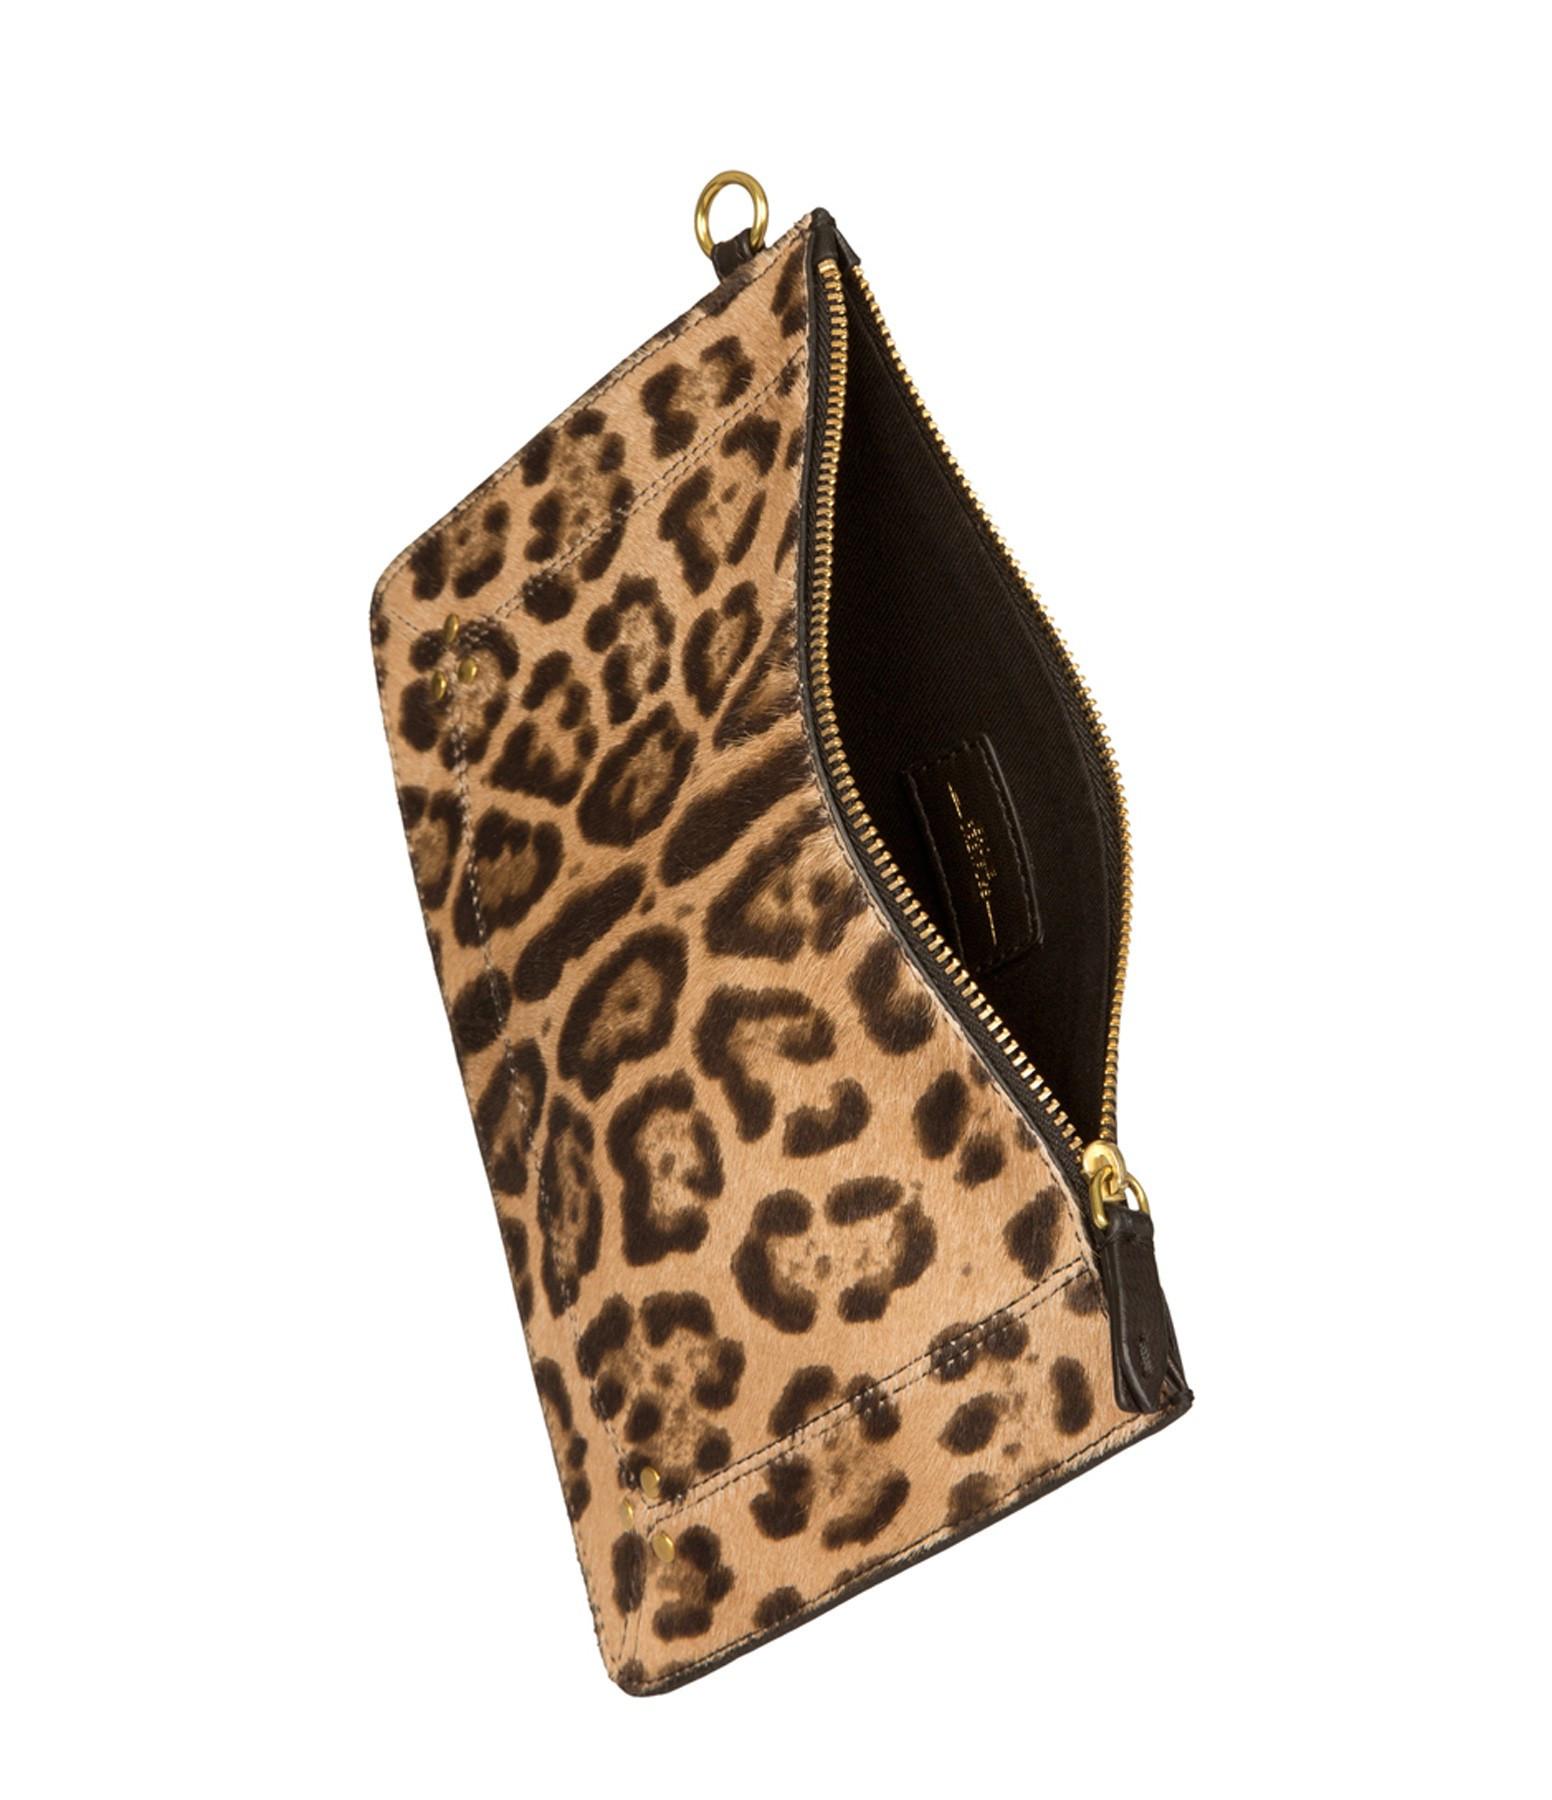 JEROME DREYFUSS - Pochette Popoche M Veau Agneau Leopard Sauvage